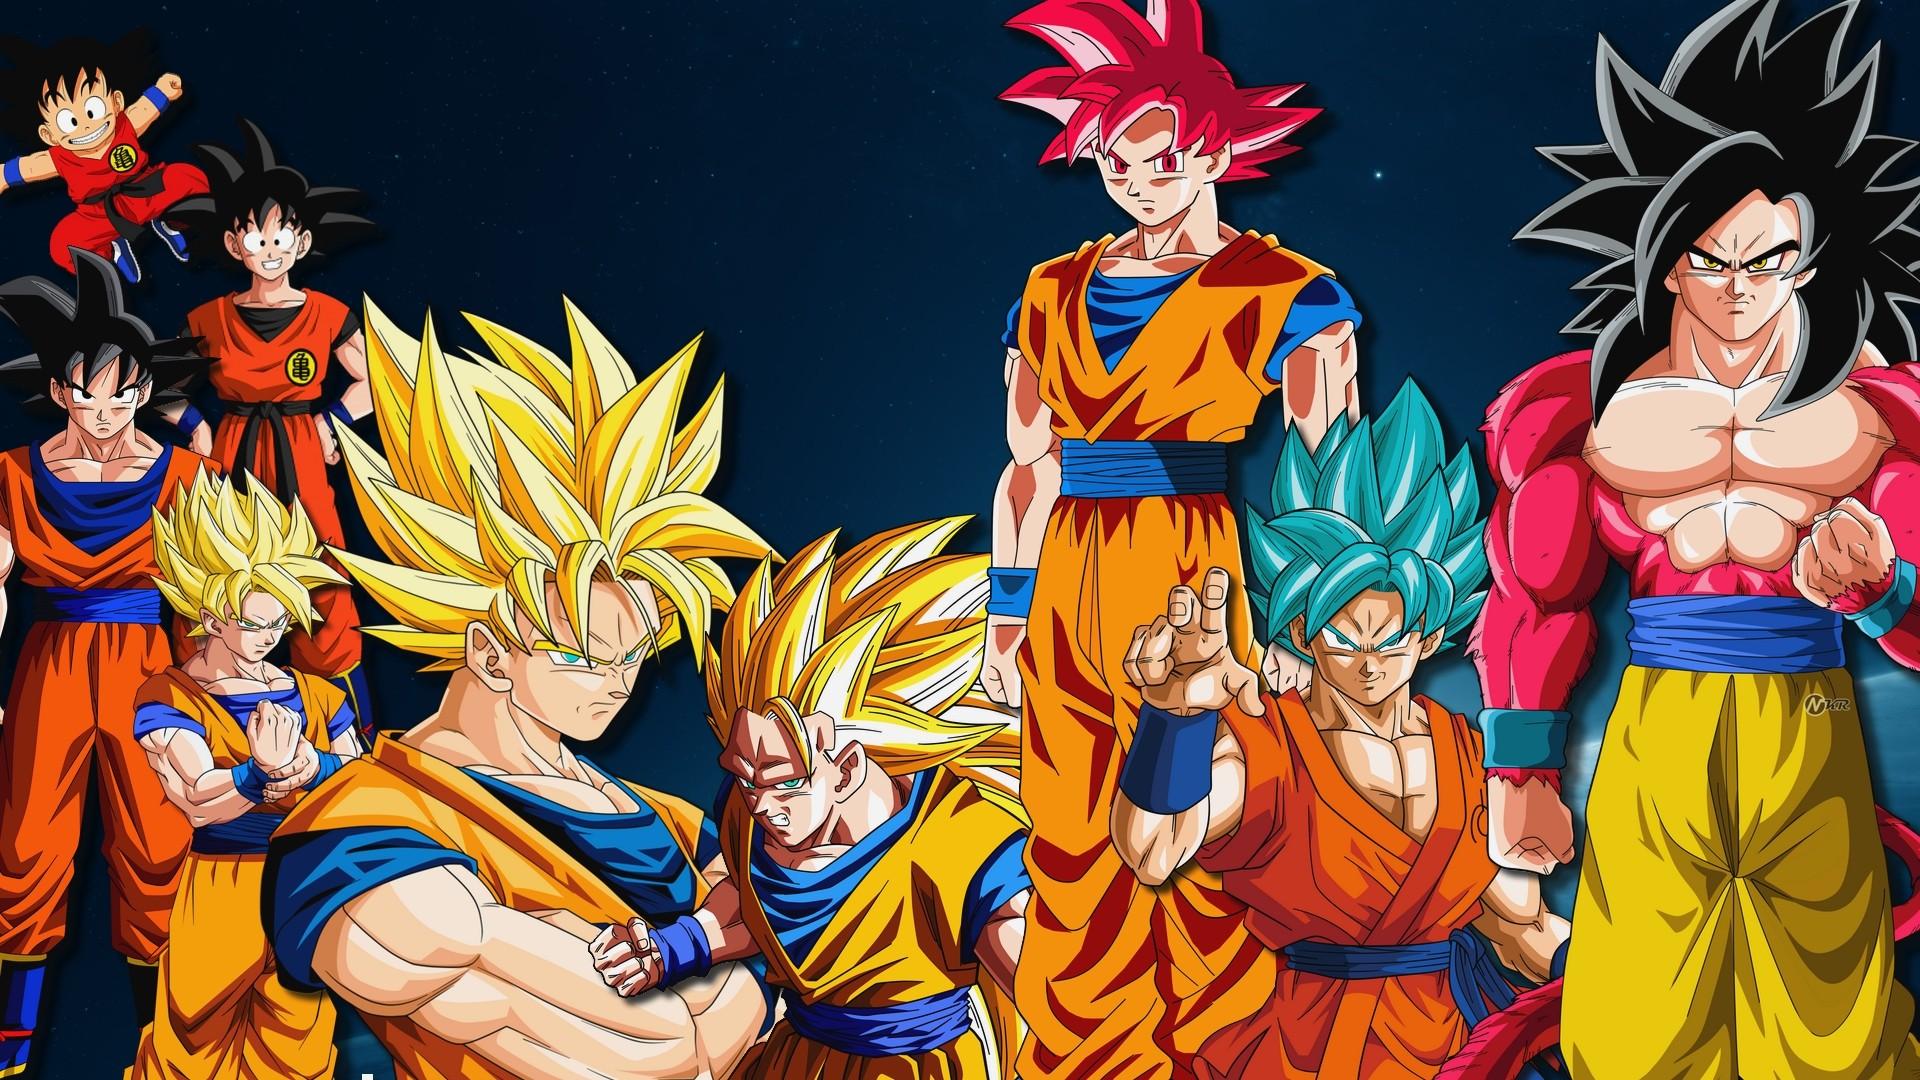 Wallpaper Illustration Anime Dragon Ball Son Goku